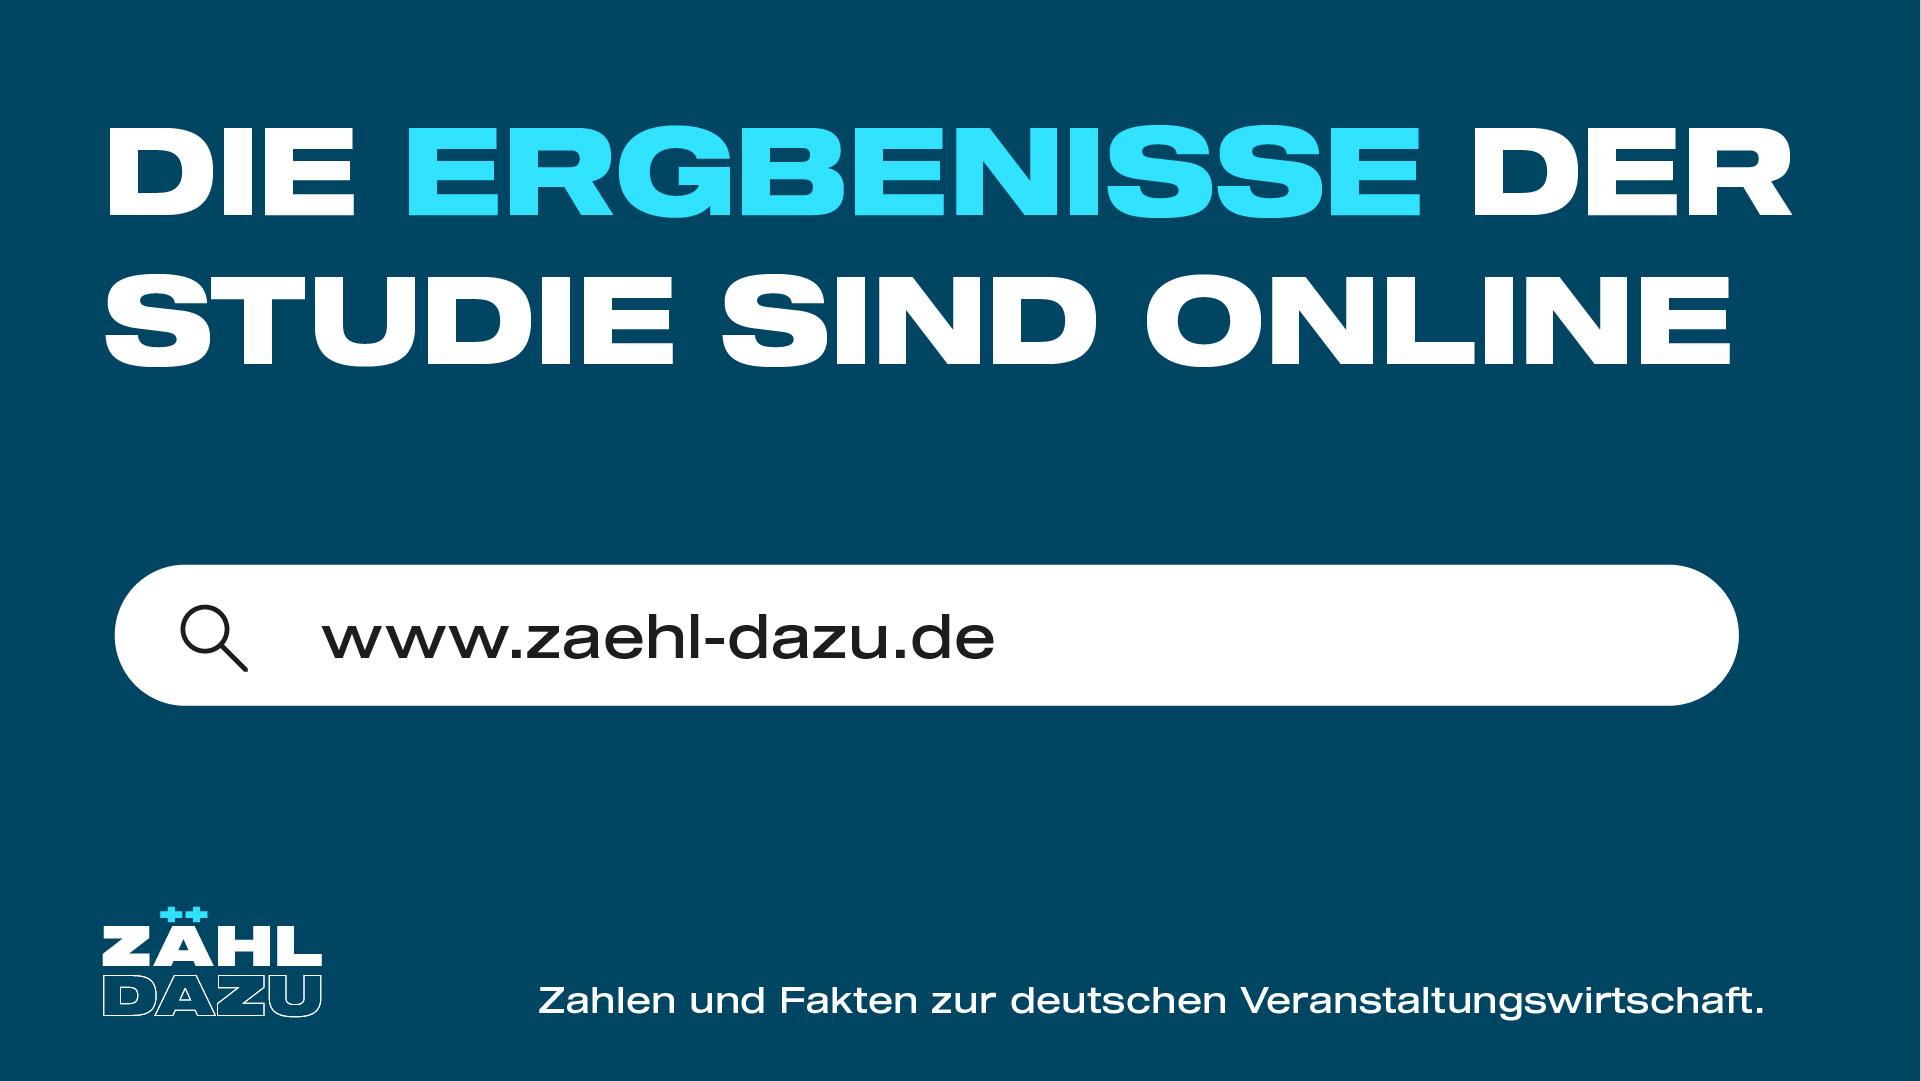 zaehl-dazu_Ergbenisse_online_dark